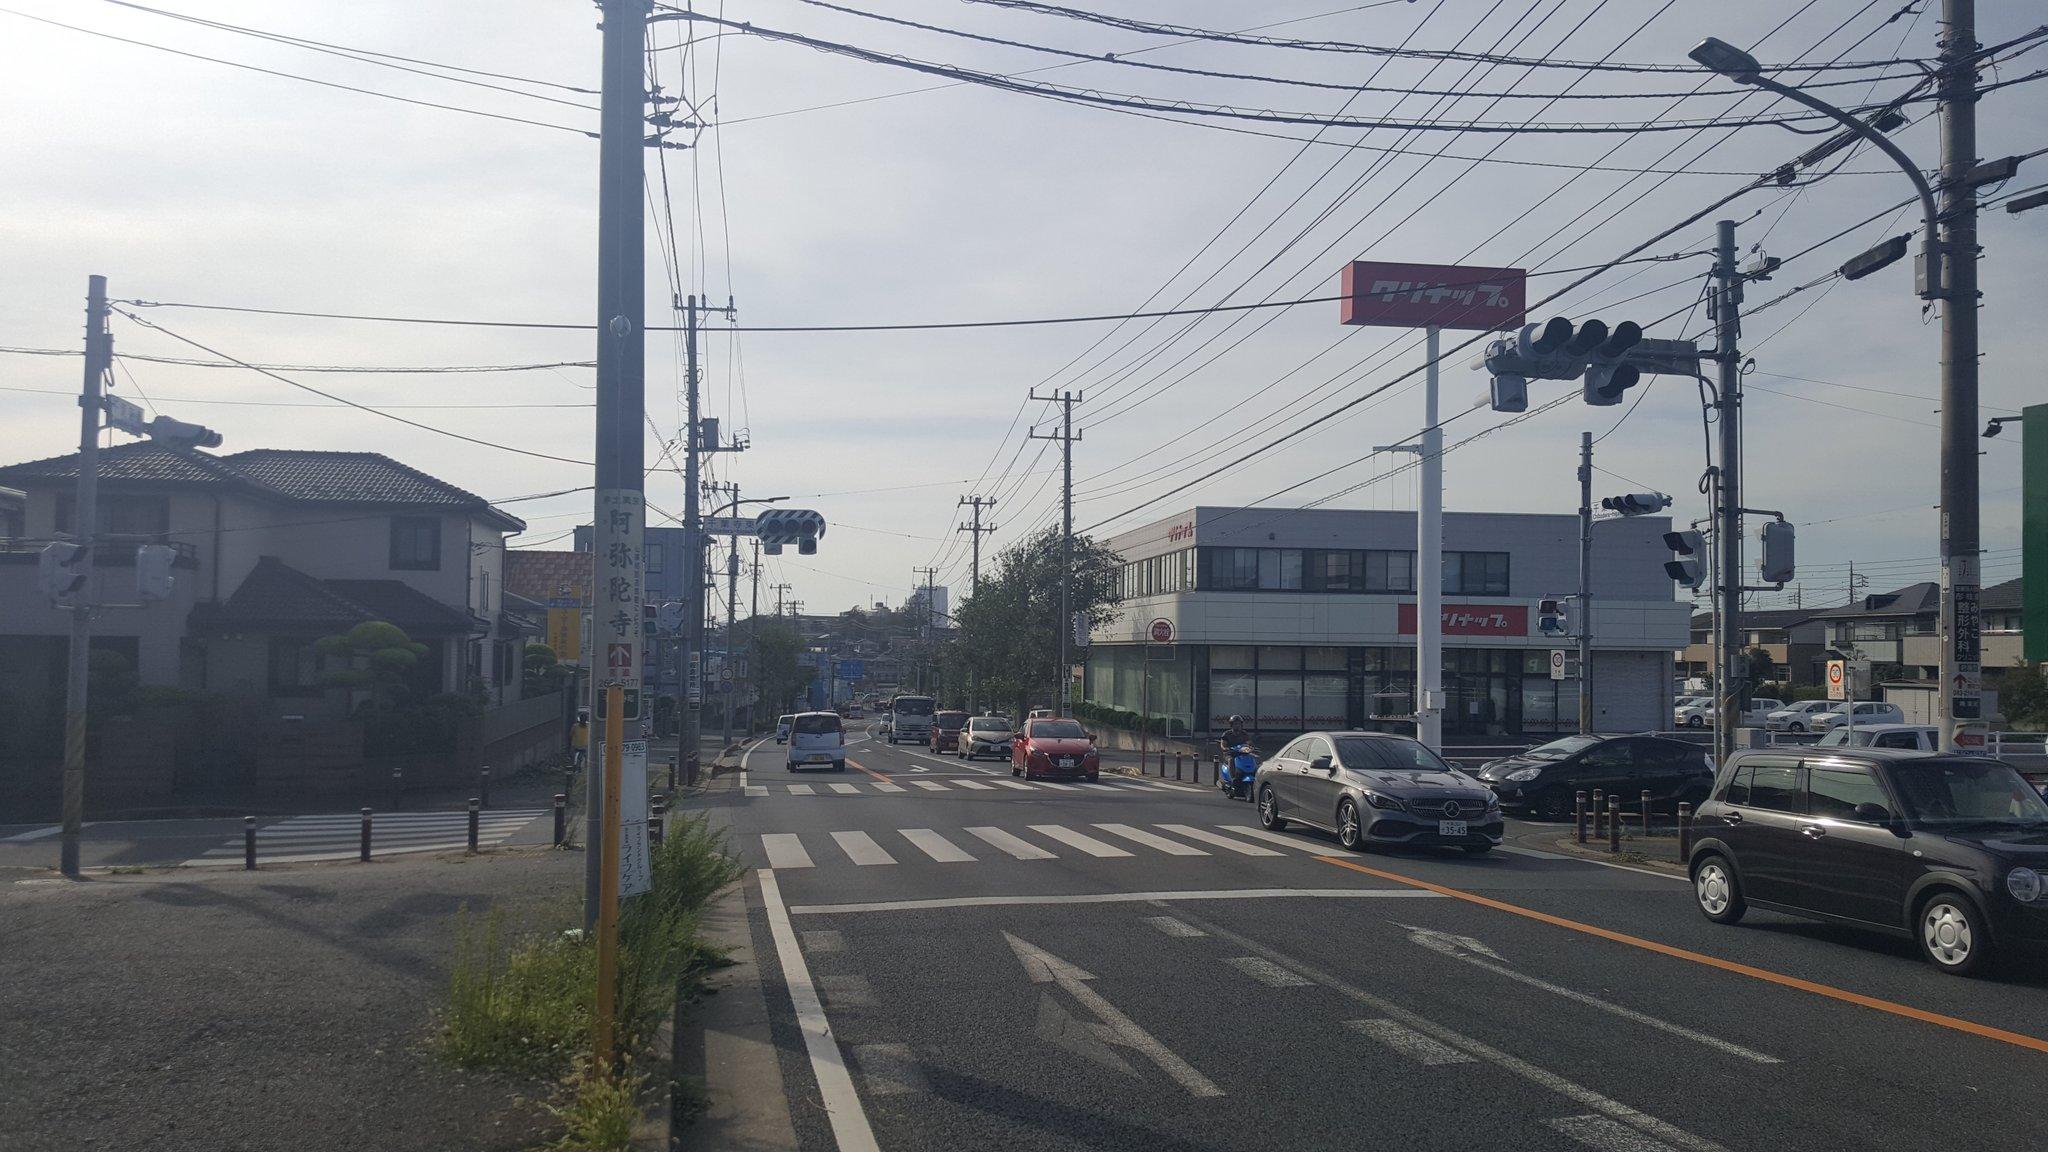 画像,千葉寺周辺の一部の信号、停電しています。皆さん、気をつけて!大網街道も渋滞しています。 https://t.co/pkEFtJ3rY8…